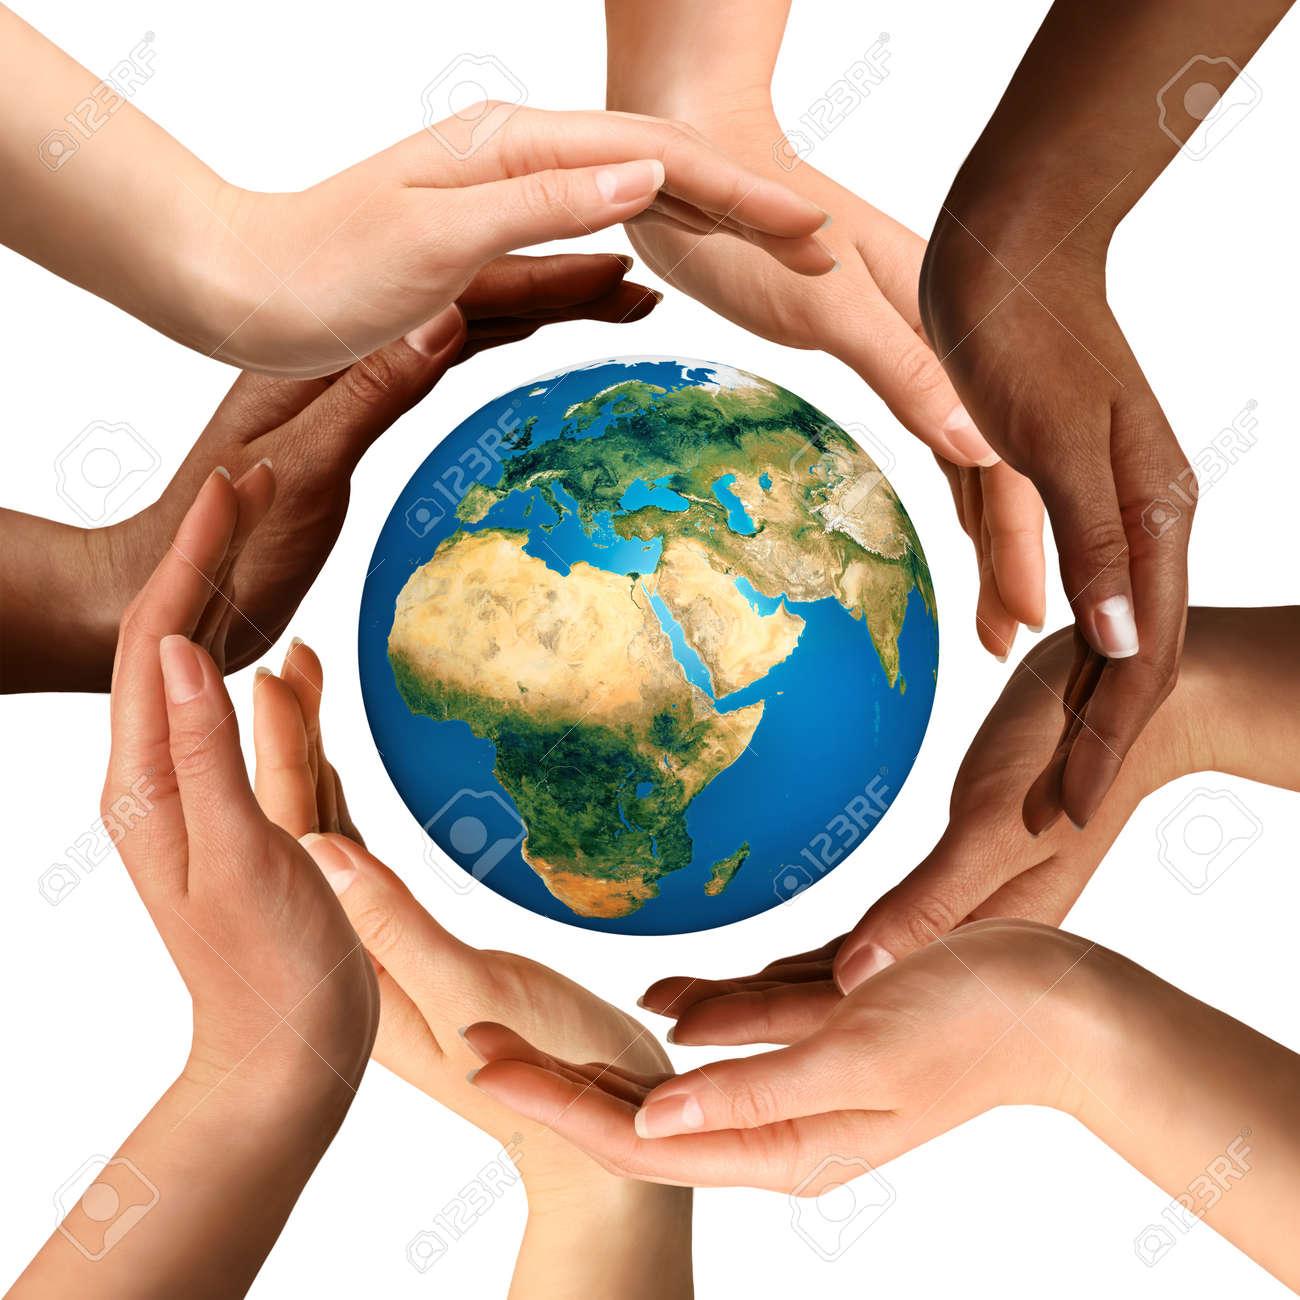 Preferenza Simbolo Concettuale Di Mani Umane Multirazziale Che Circondano Il  DE06